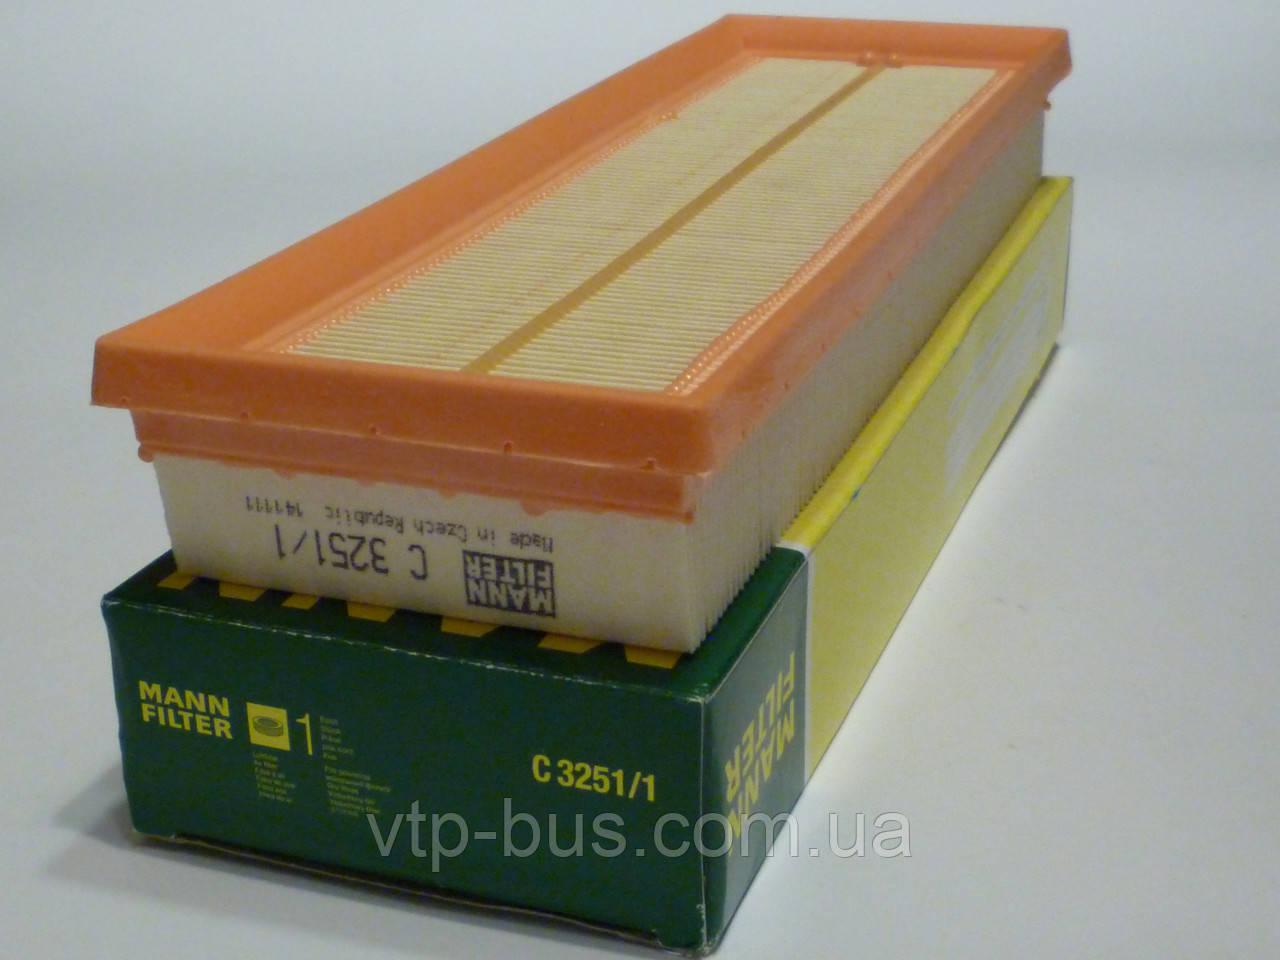 Воздушный фильтр на Рено Трафик / Opel Vivaro 1.9dCi (2001-2006) MANN-FILTER (Германия) C3251/1